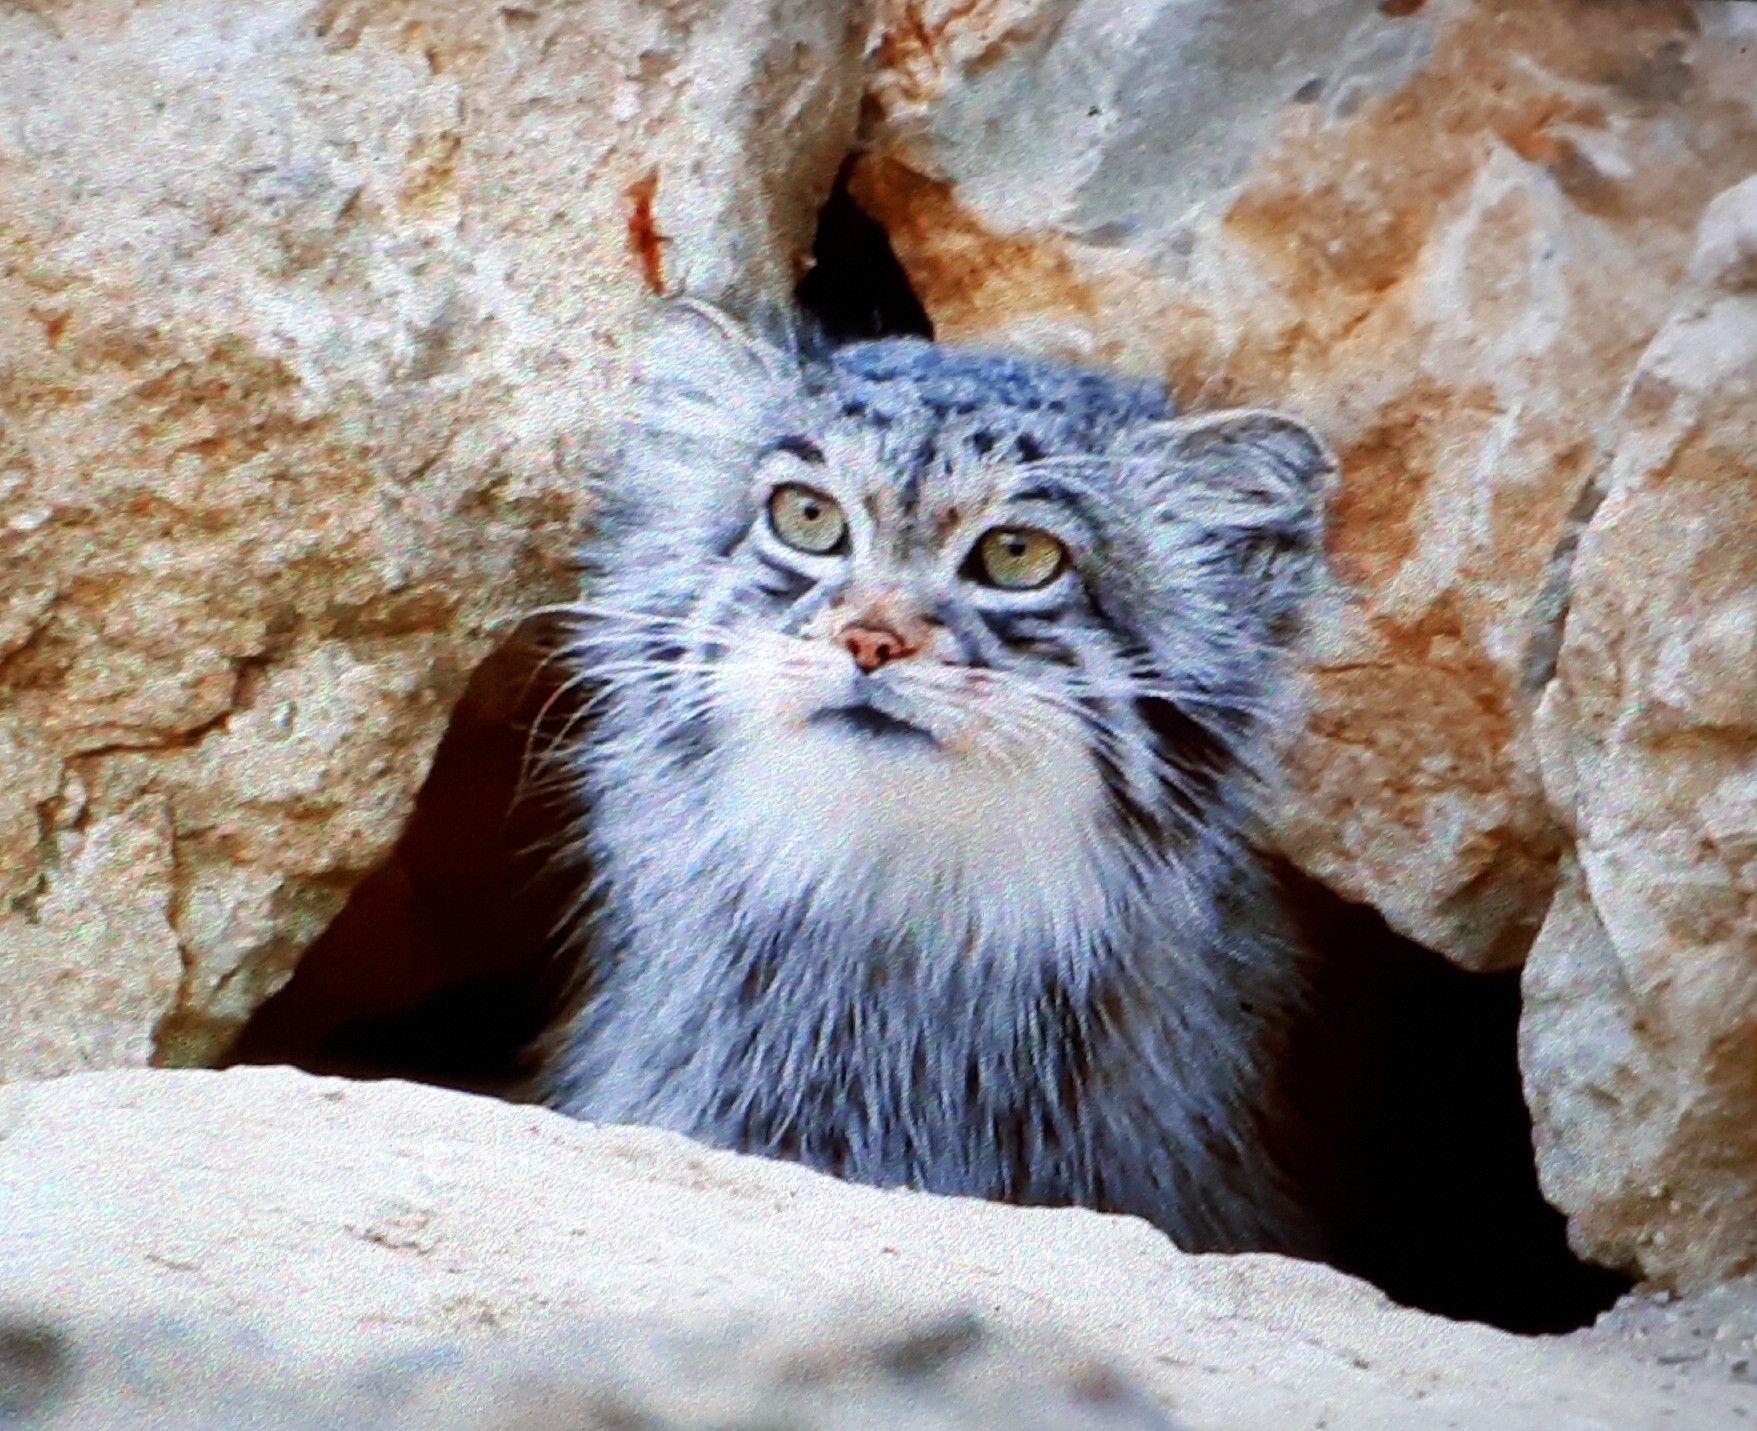 Chat de PAllas.Népal. Serval cats, Black footed cat